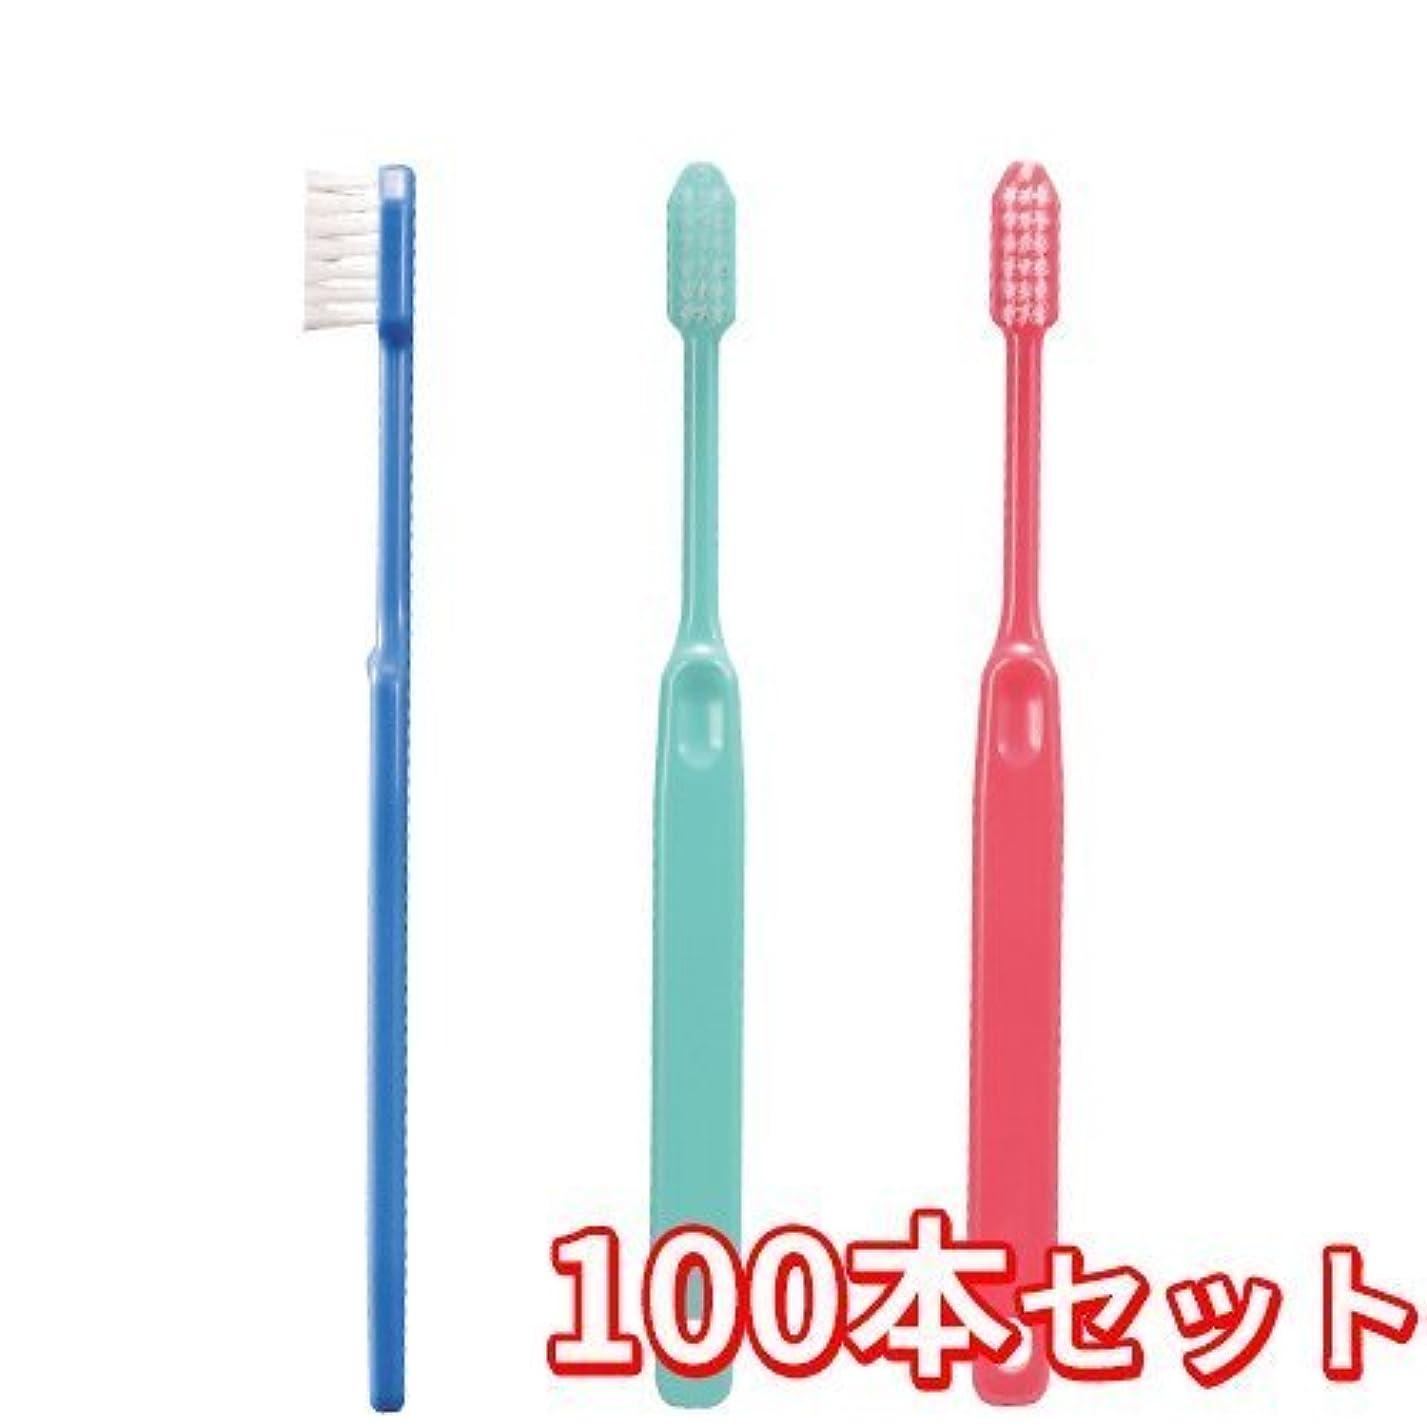 純粋な接地達成するCiメディカル 歯ブラシ コンパクトヘッド 疎毛タイプ アソート 100本 (Ci23(やややわらかめ))